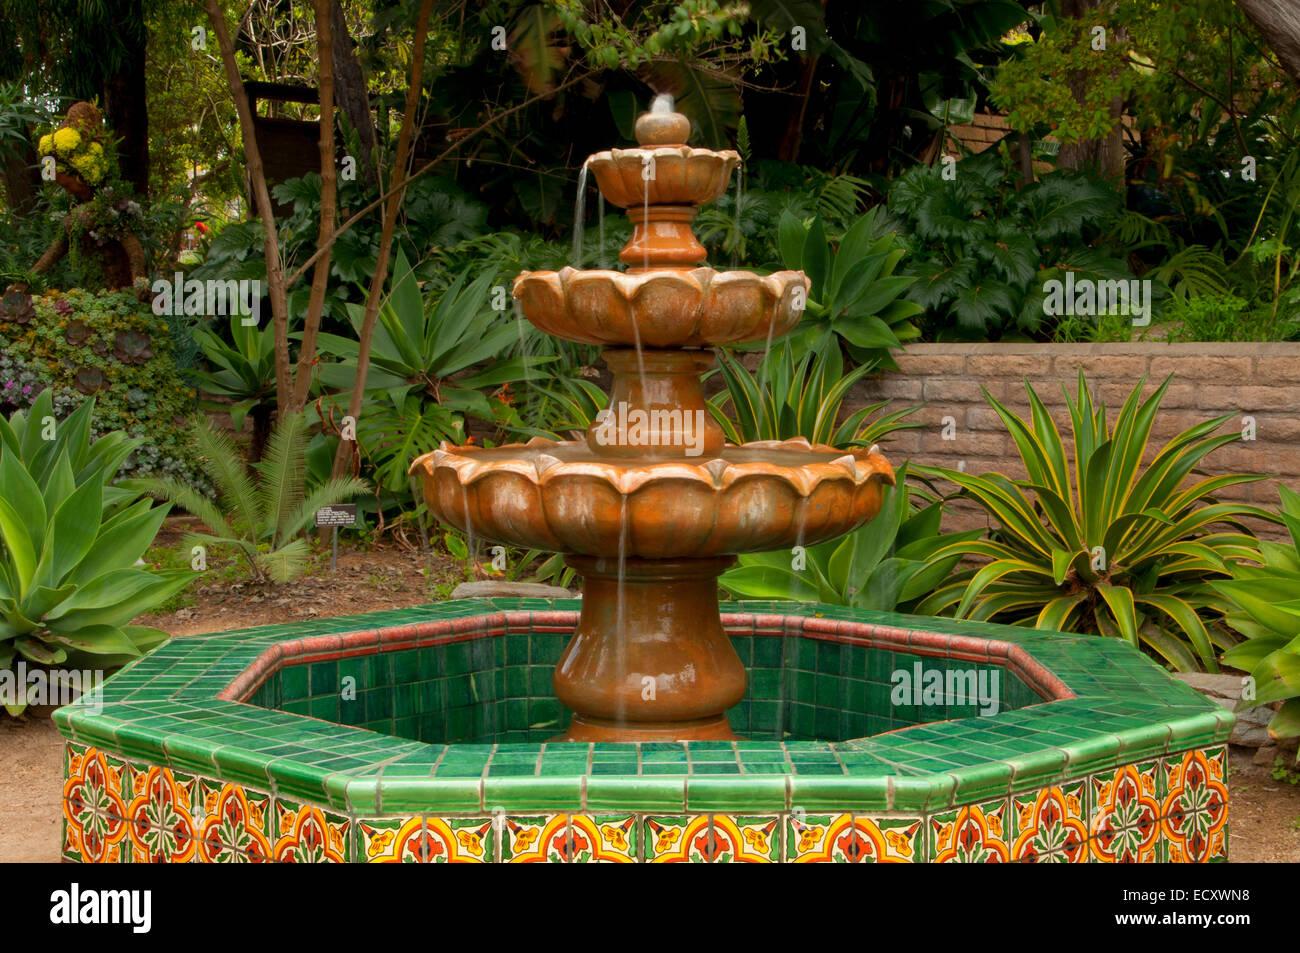 Quail Gardens Stock Photos & Quail Gardens Stock Images - Alamy